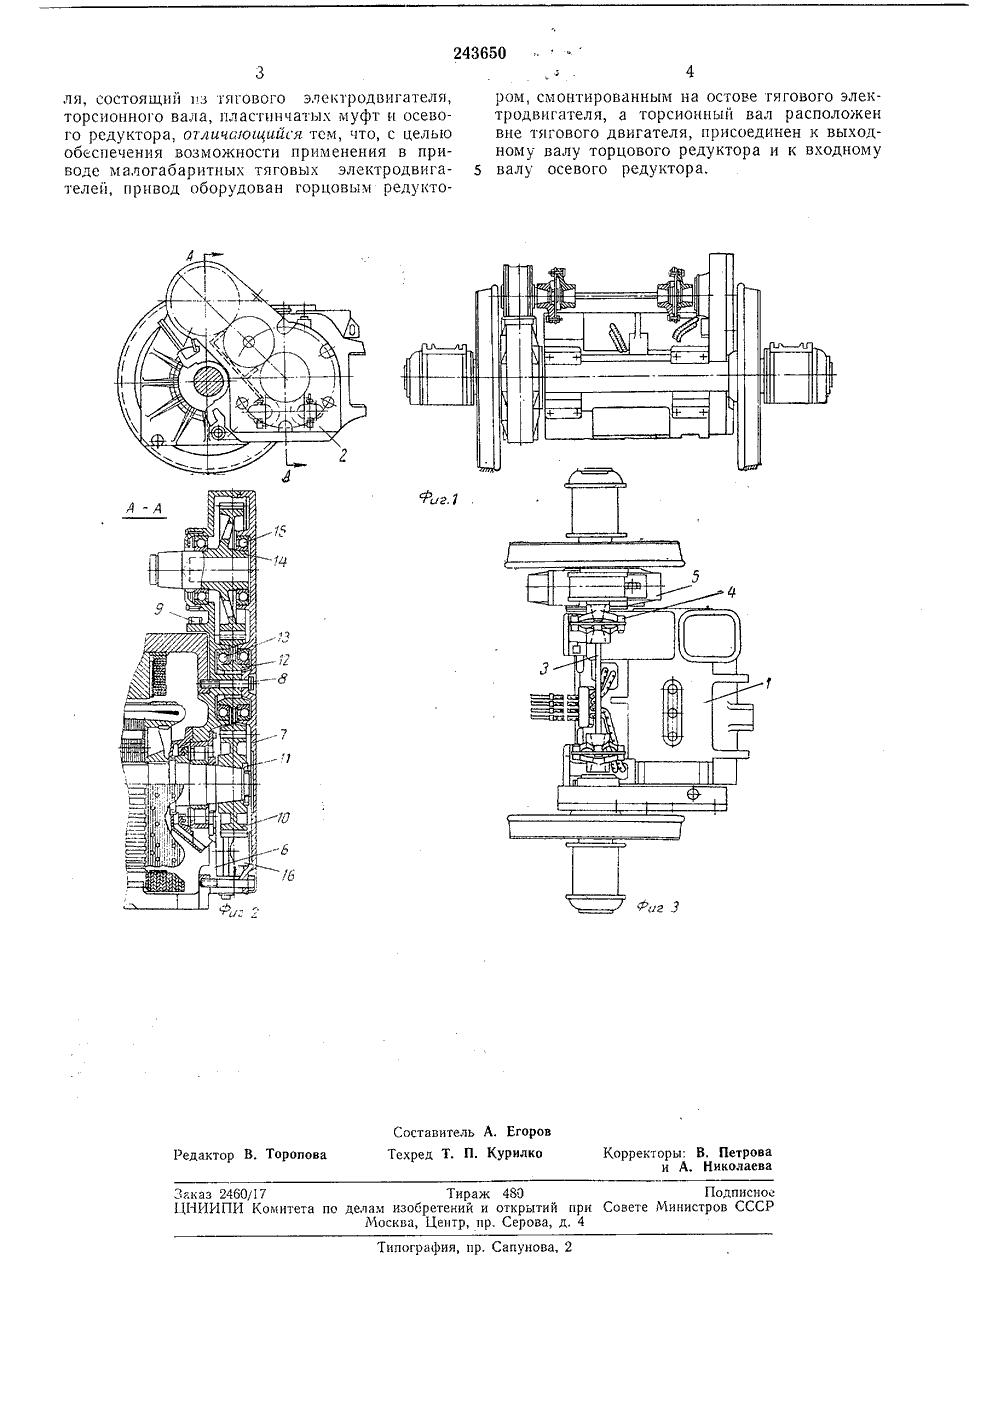 опорно-рамного подвешивания тягового двигателя на эл.поезде